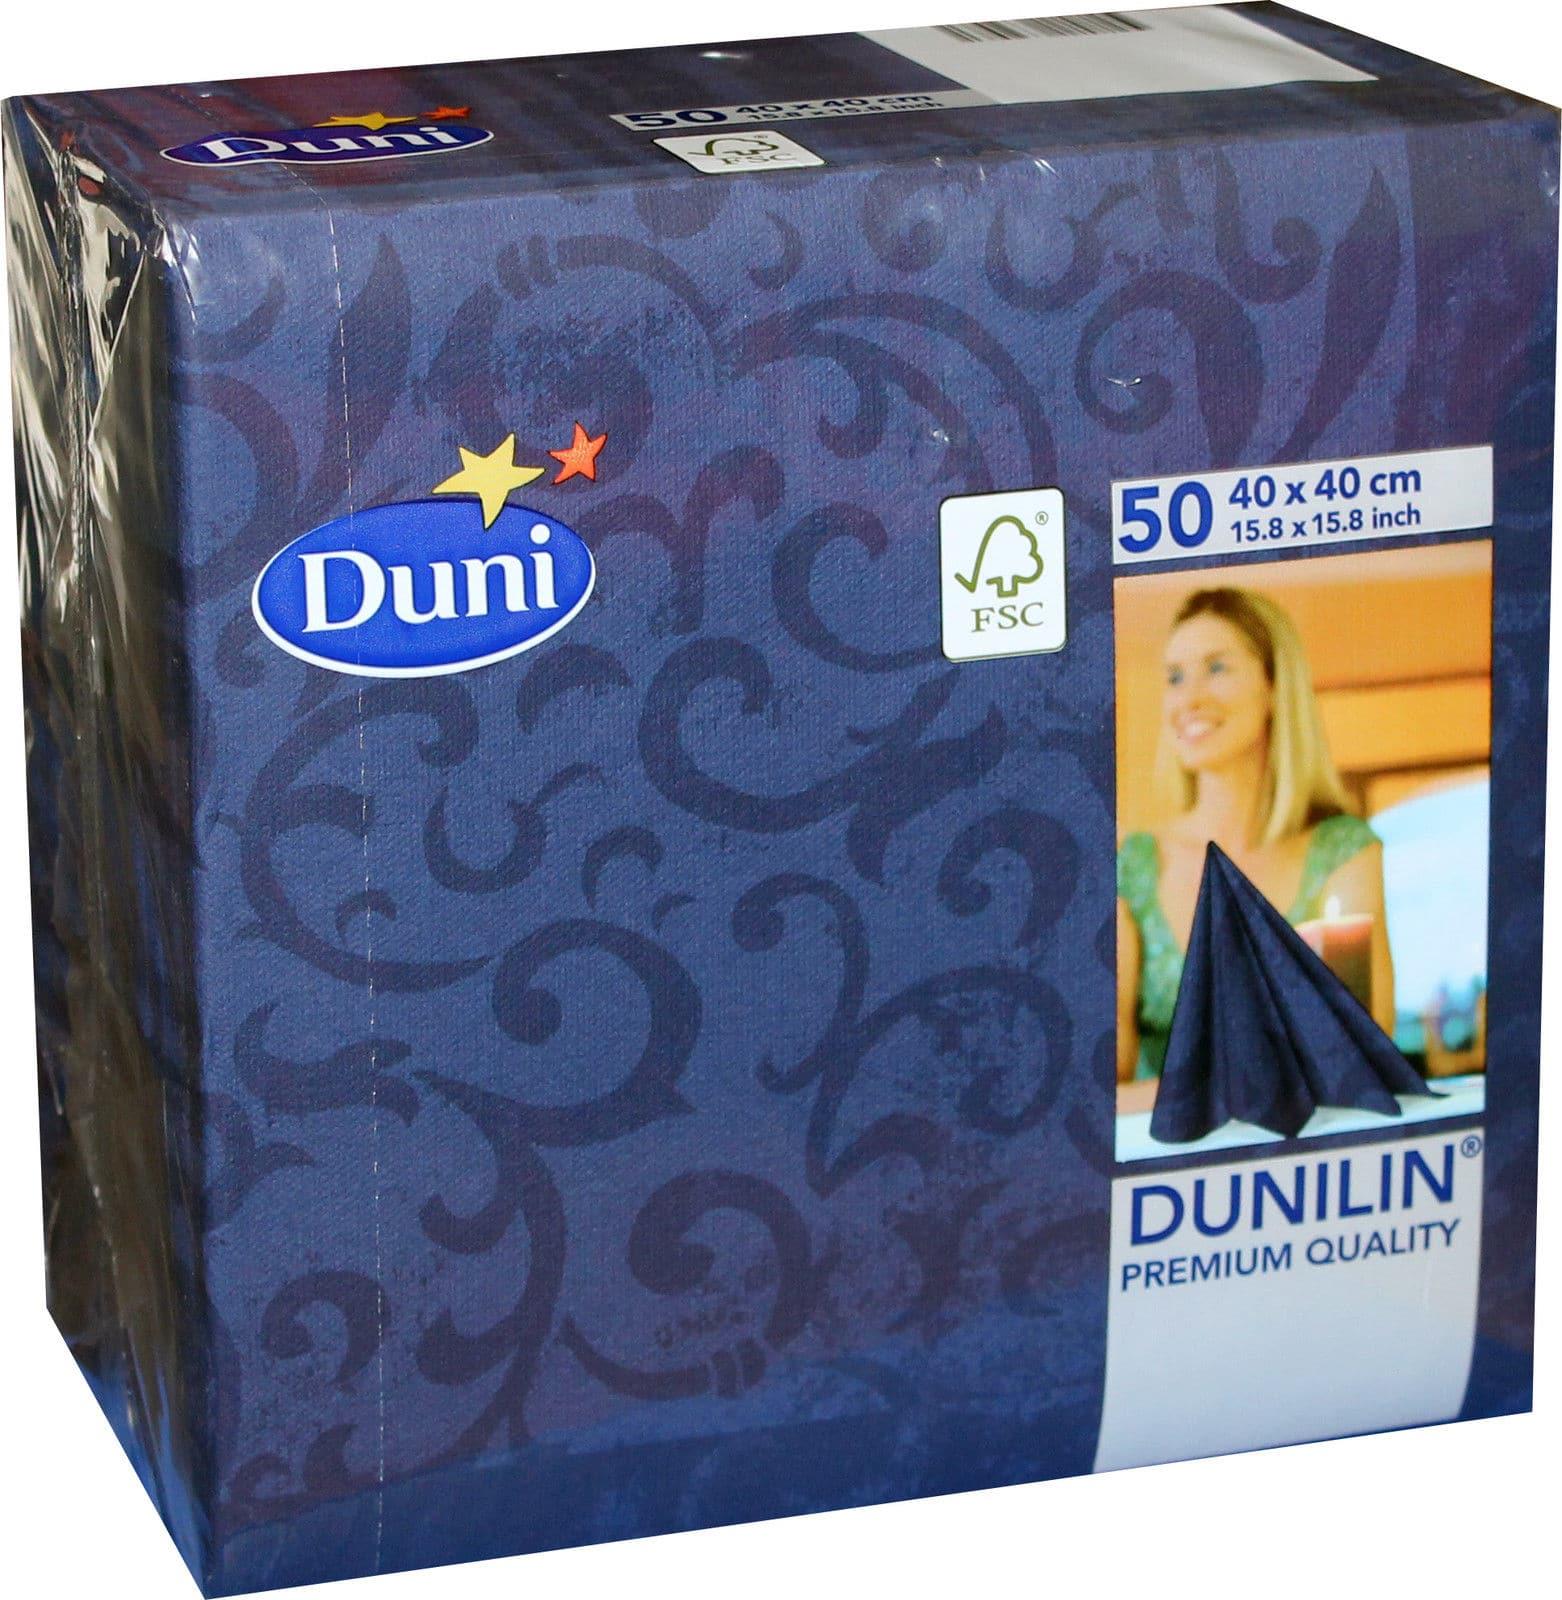 50x duni dunilin 163296 gastro servietten 40 x 40 cm sarala blau neu ebay - Duni servietten falten ...